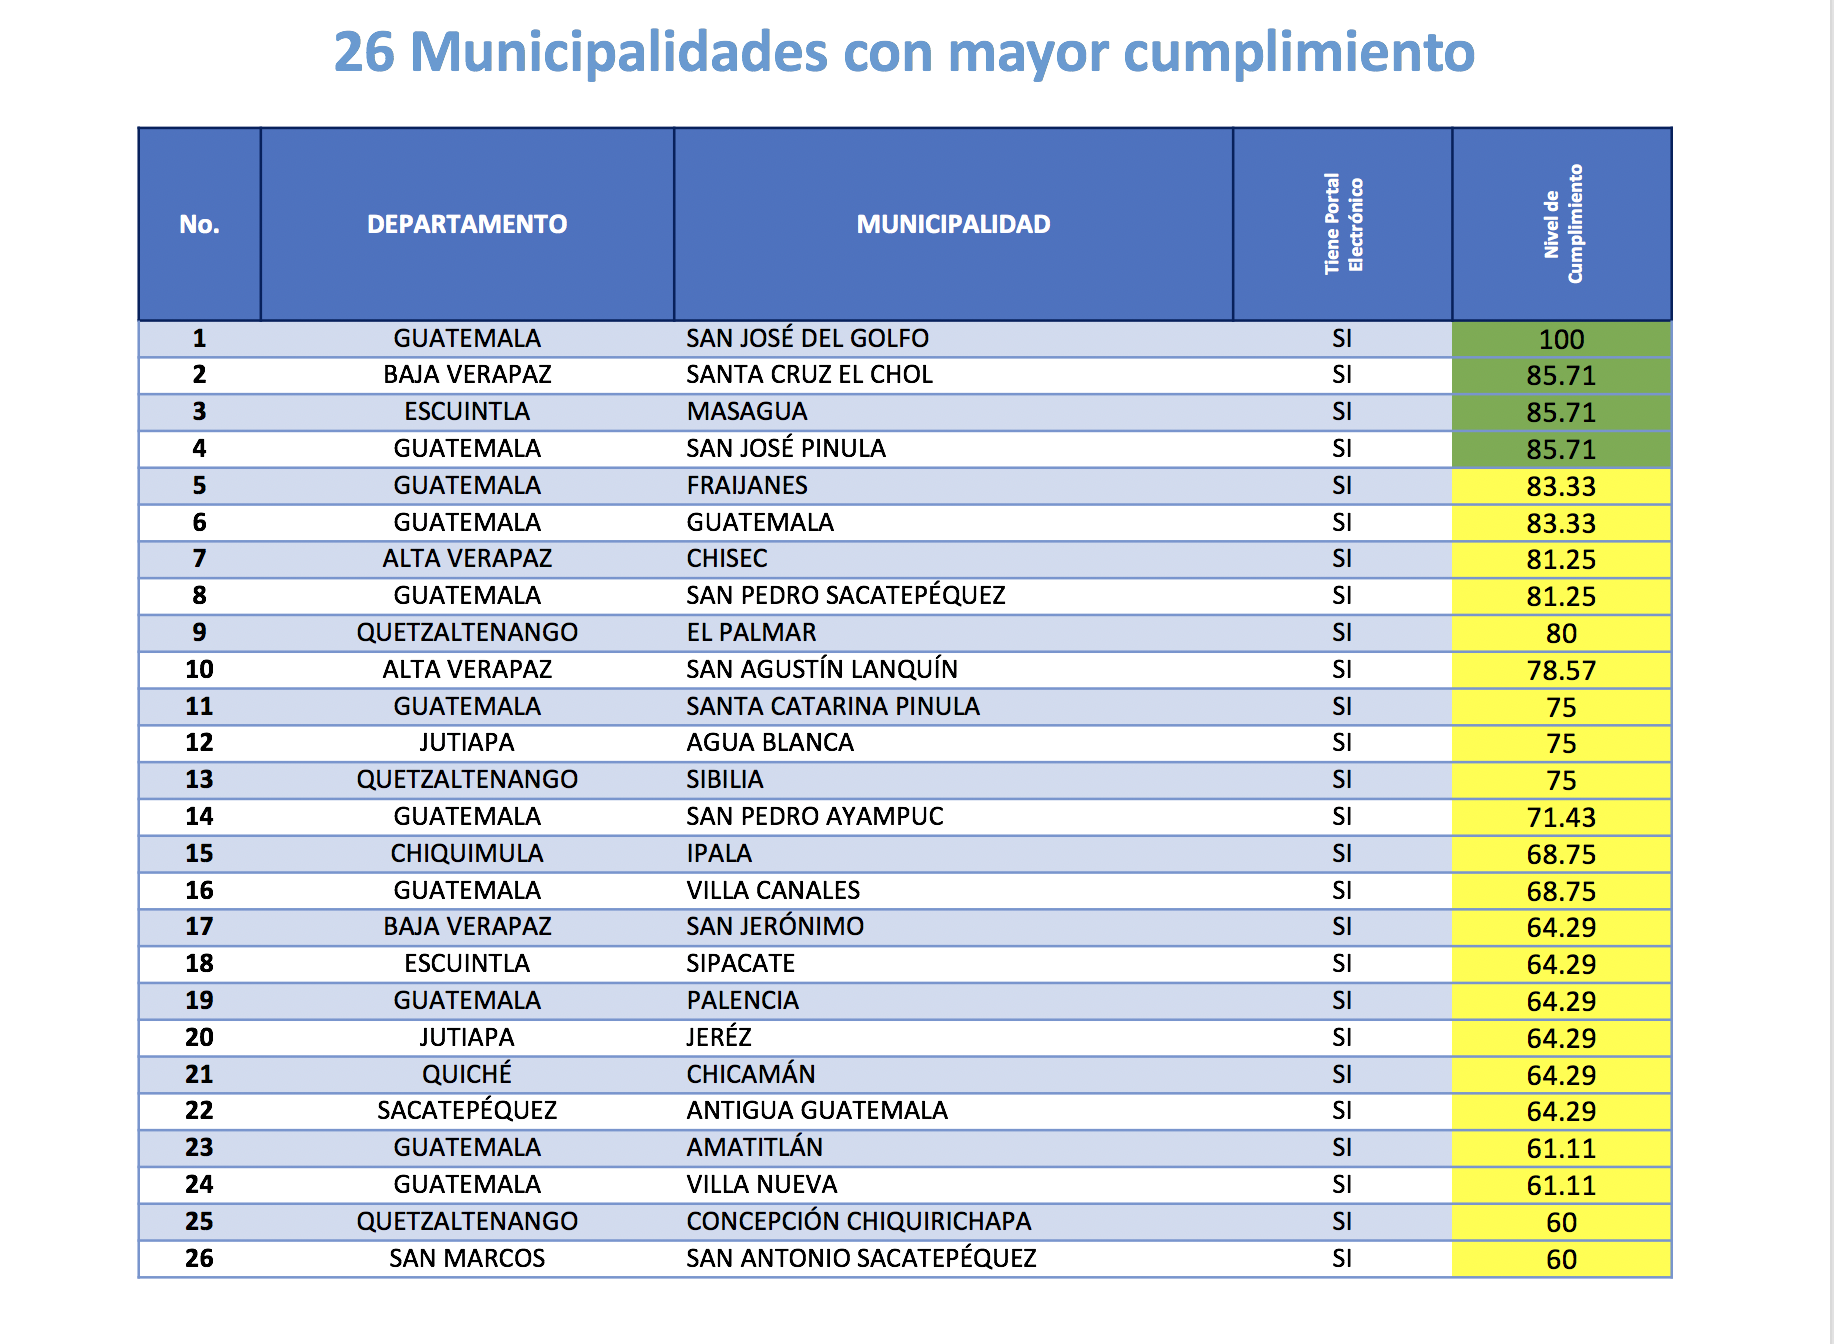 Ranking de las municipalidades con mayor nivel de cumplimiento de la ley de acceso a la información.